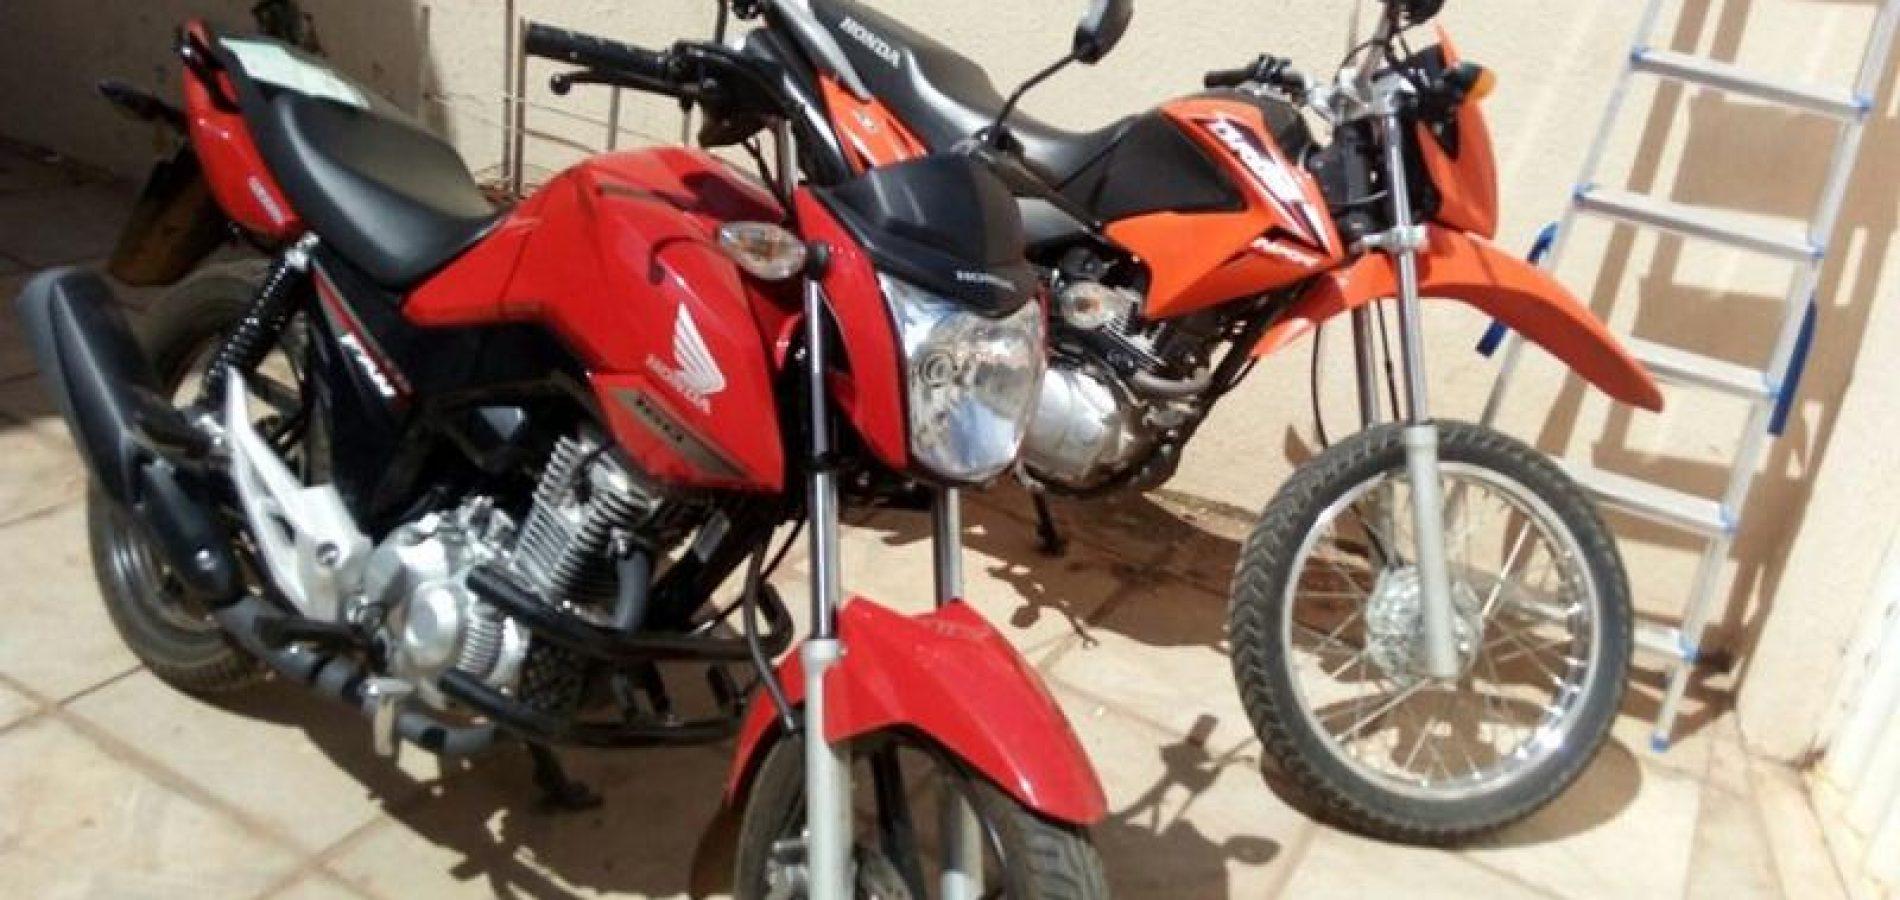 Duas motos roubadas são recuperadas em Picos e uma pessoa é presa